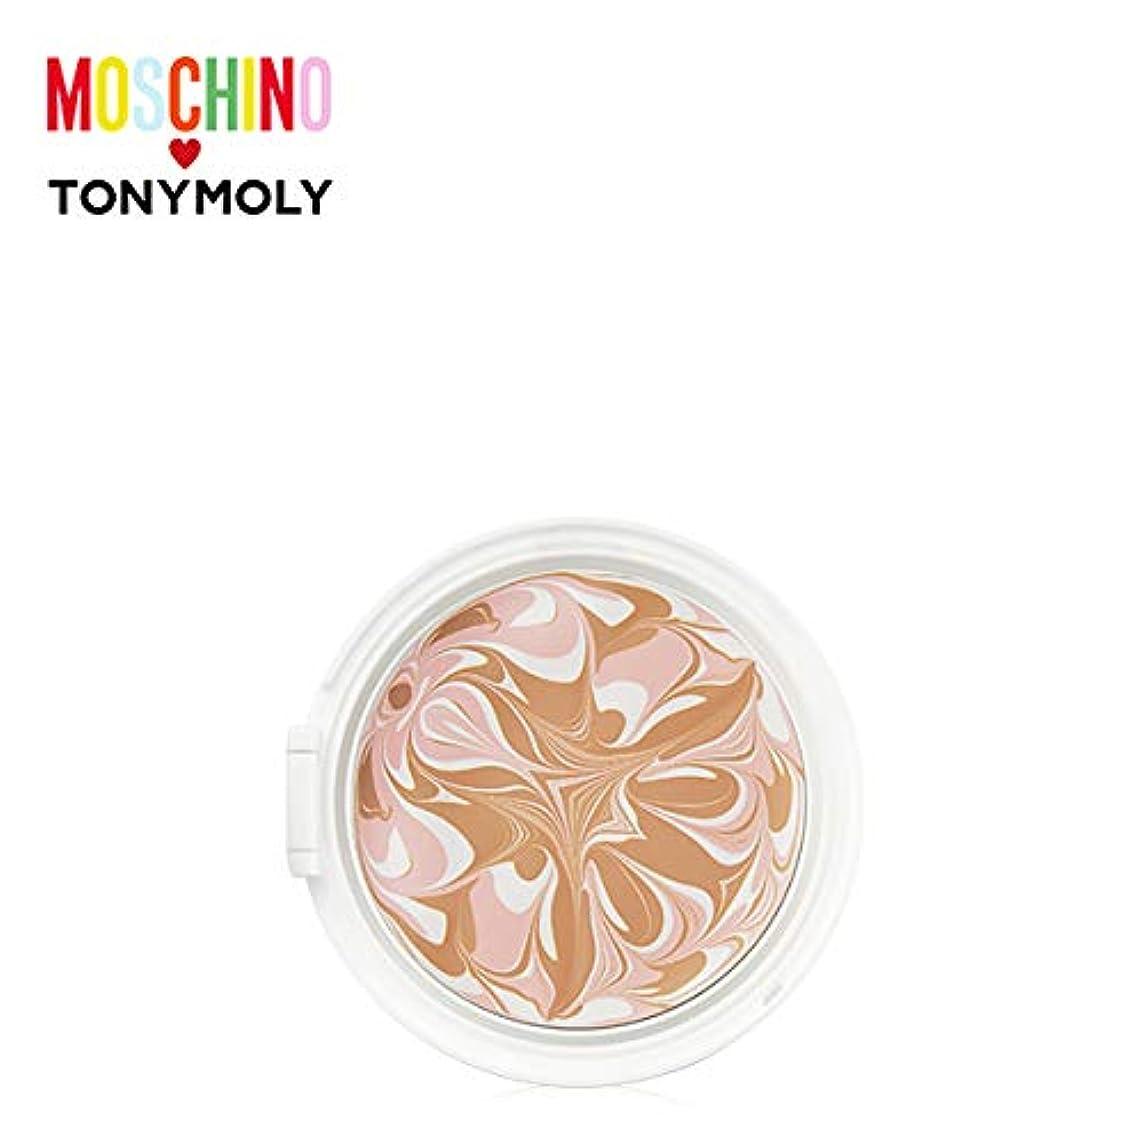 意図的着服貫入TONYMOLY [MOSCHINO] Chic Skin Essence Pact -Refill #01 CHIC VANILLA トニーモリー [モスキーノ] シック スキン エッセンス パクト -リフィル [詰め...